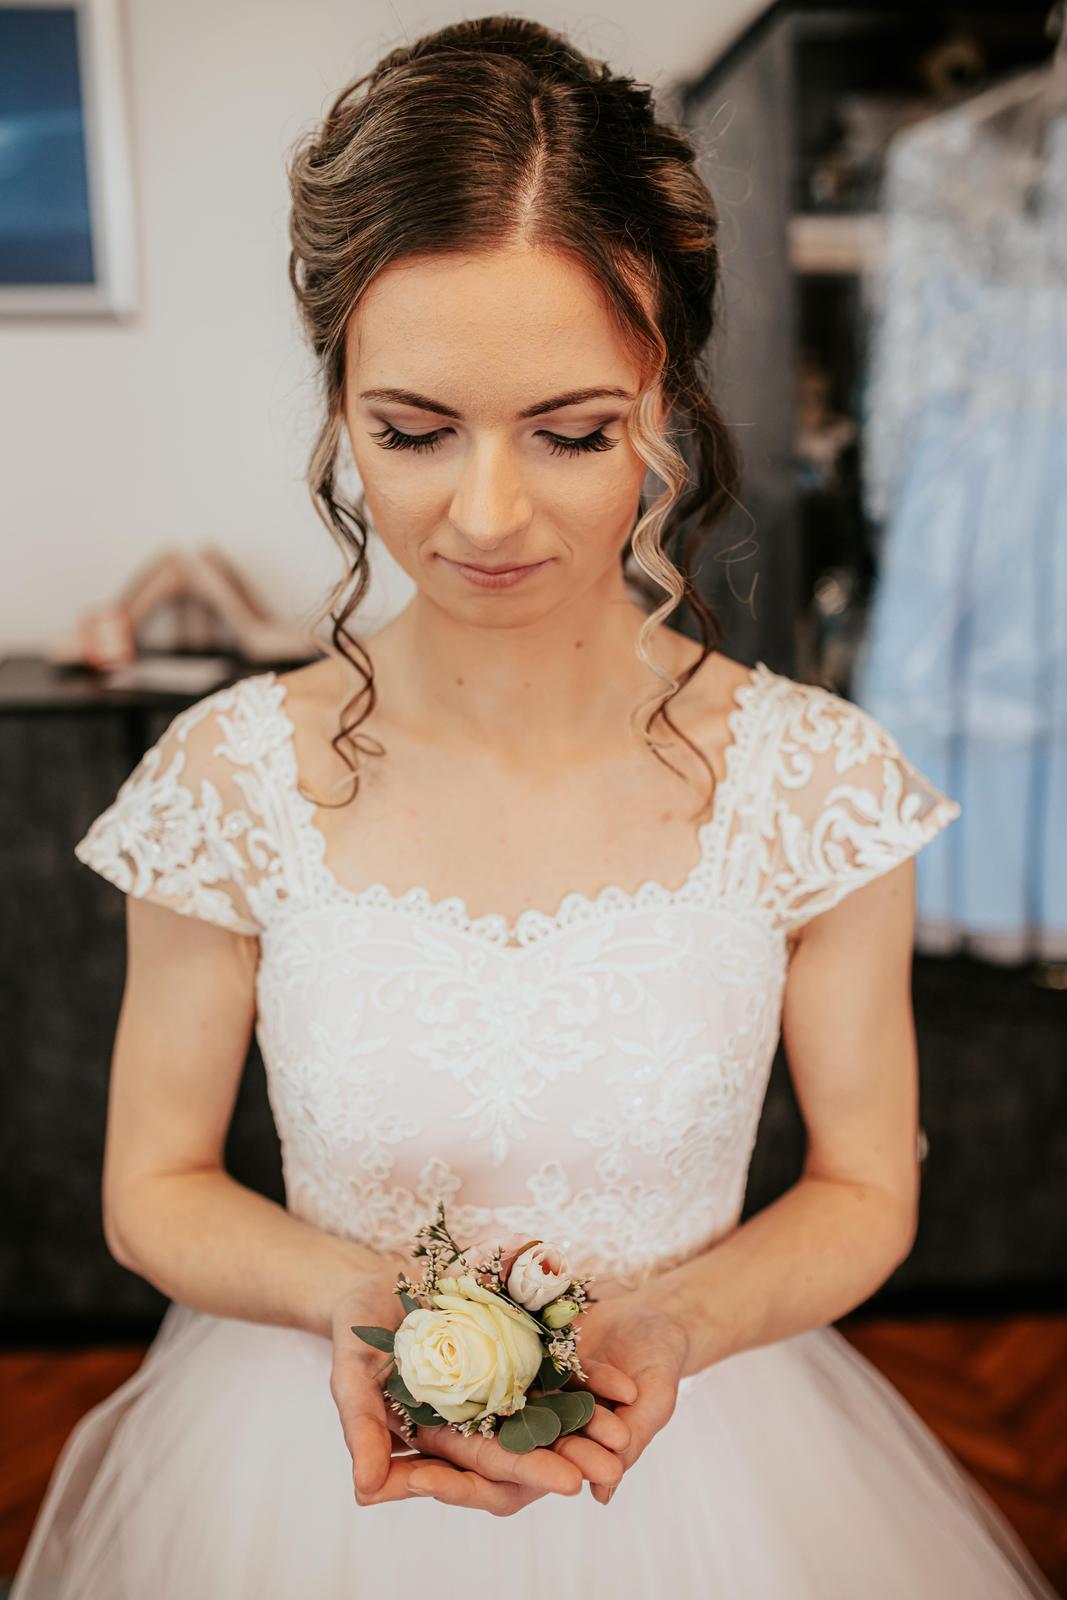 Svadobné šaty jemne ružovej farby (34-38) - Obrázok č. 1